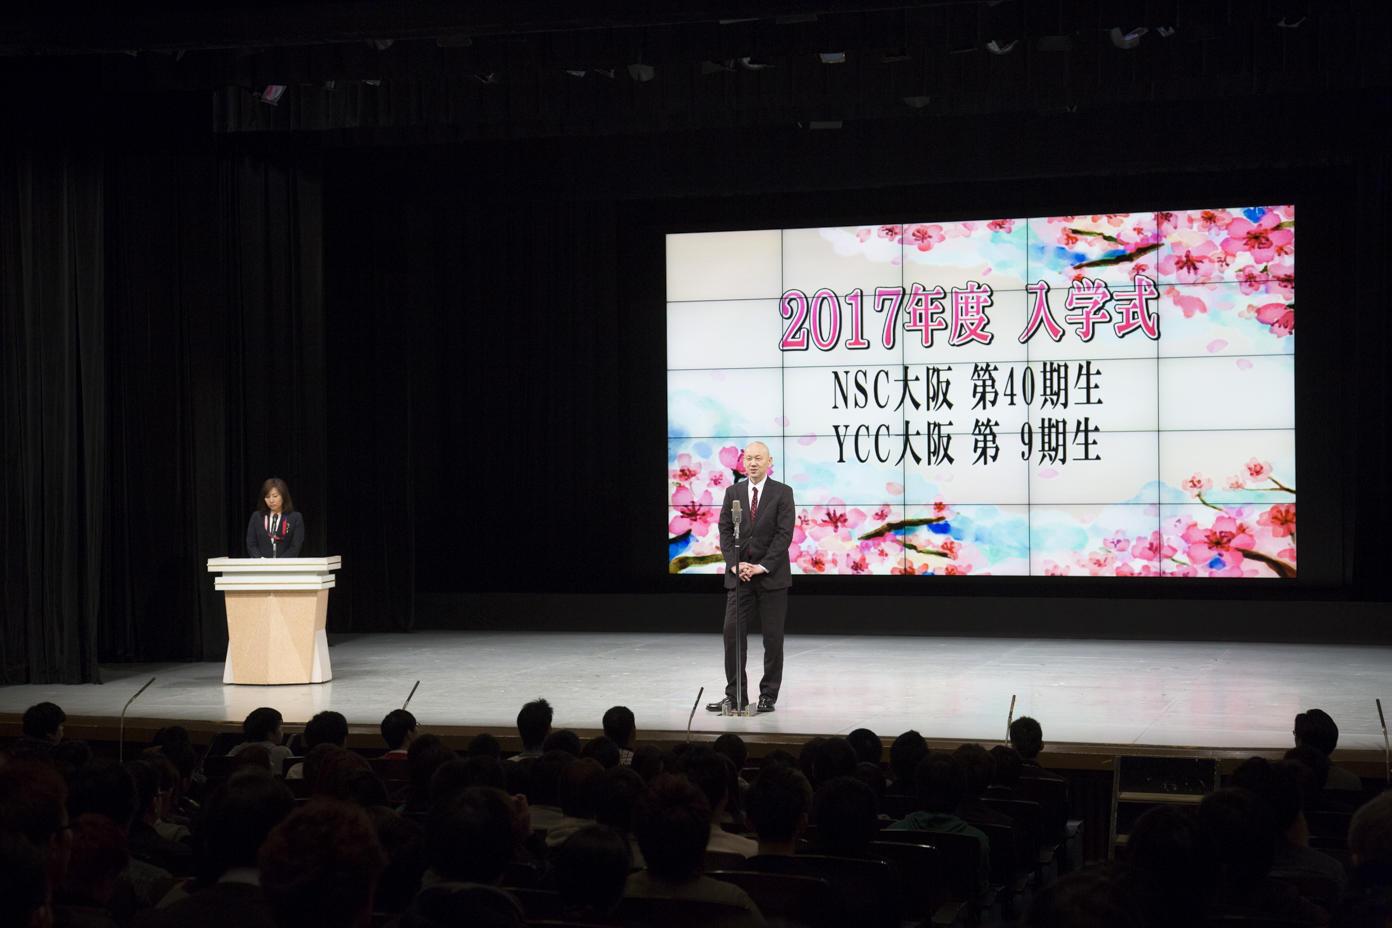 http://news.yoshimoto.co.jp/20170417193838-7d56b004d90f349b3cabea832f6e3aad4b14d3c8.jpg